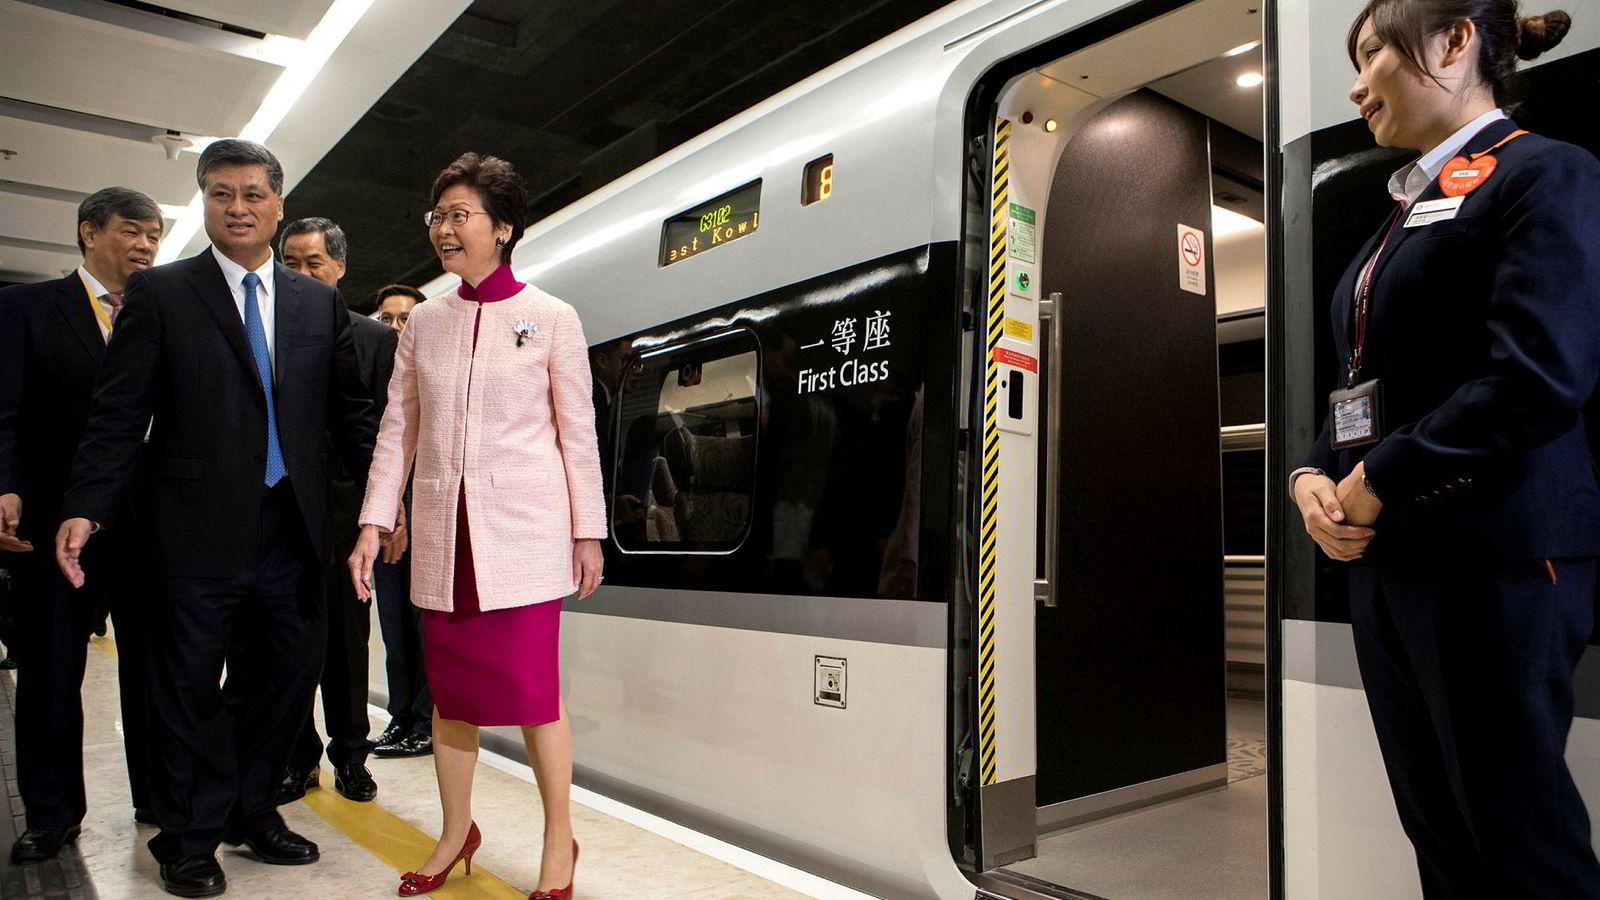 – Dette er et historisk øyeblikk for Hongkong, sa Carrie Lam, byens øverste politiske leder, da hun åpnet en ny jernbaneterminal. Denne knytter Hongkong til det kinesiske fastlandet. Store kinesiske infrastrukturinvesteringer i Hongkong er svært omstridte.